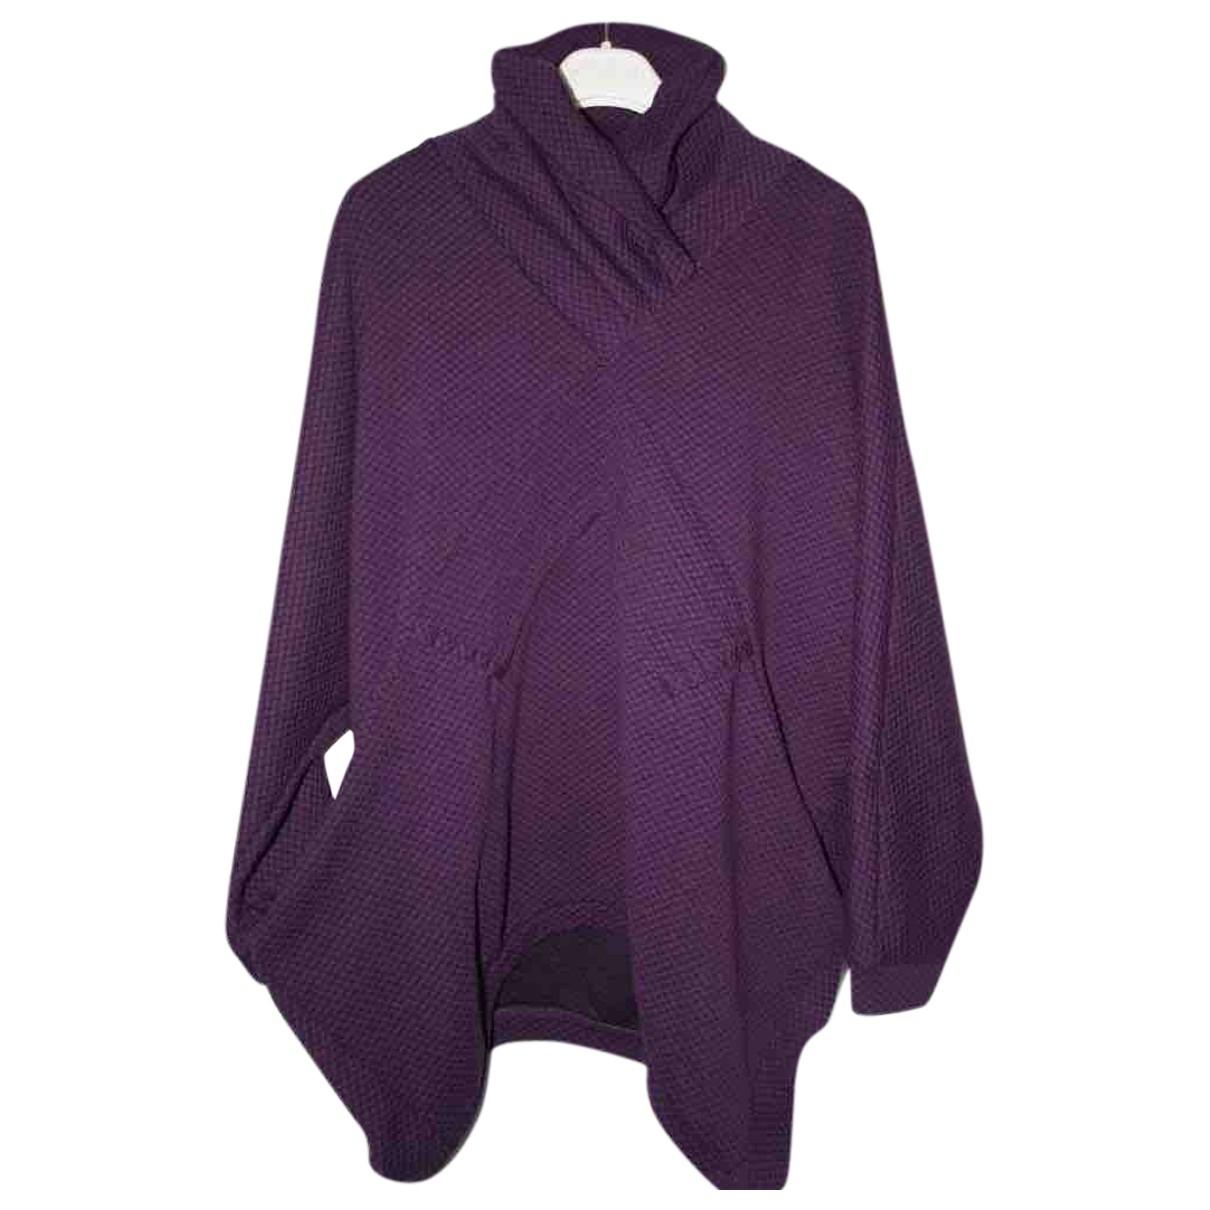 Henrik Vibskov \N Purple Knitwear & Sweatshirts for Men XS International